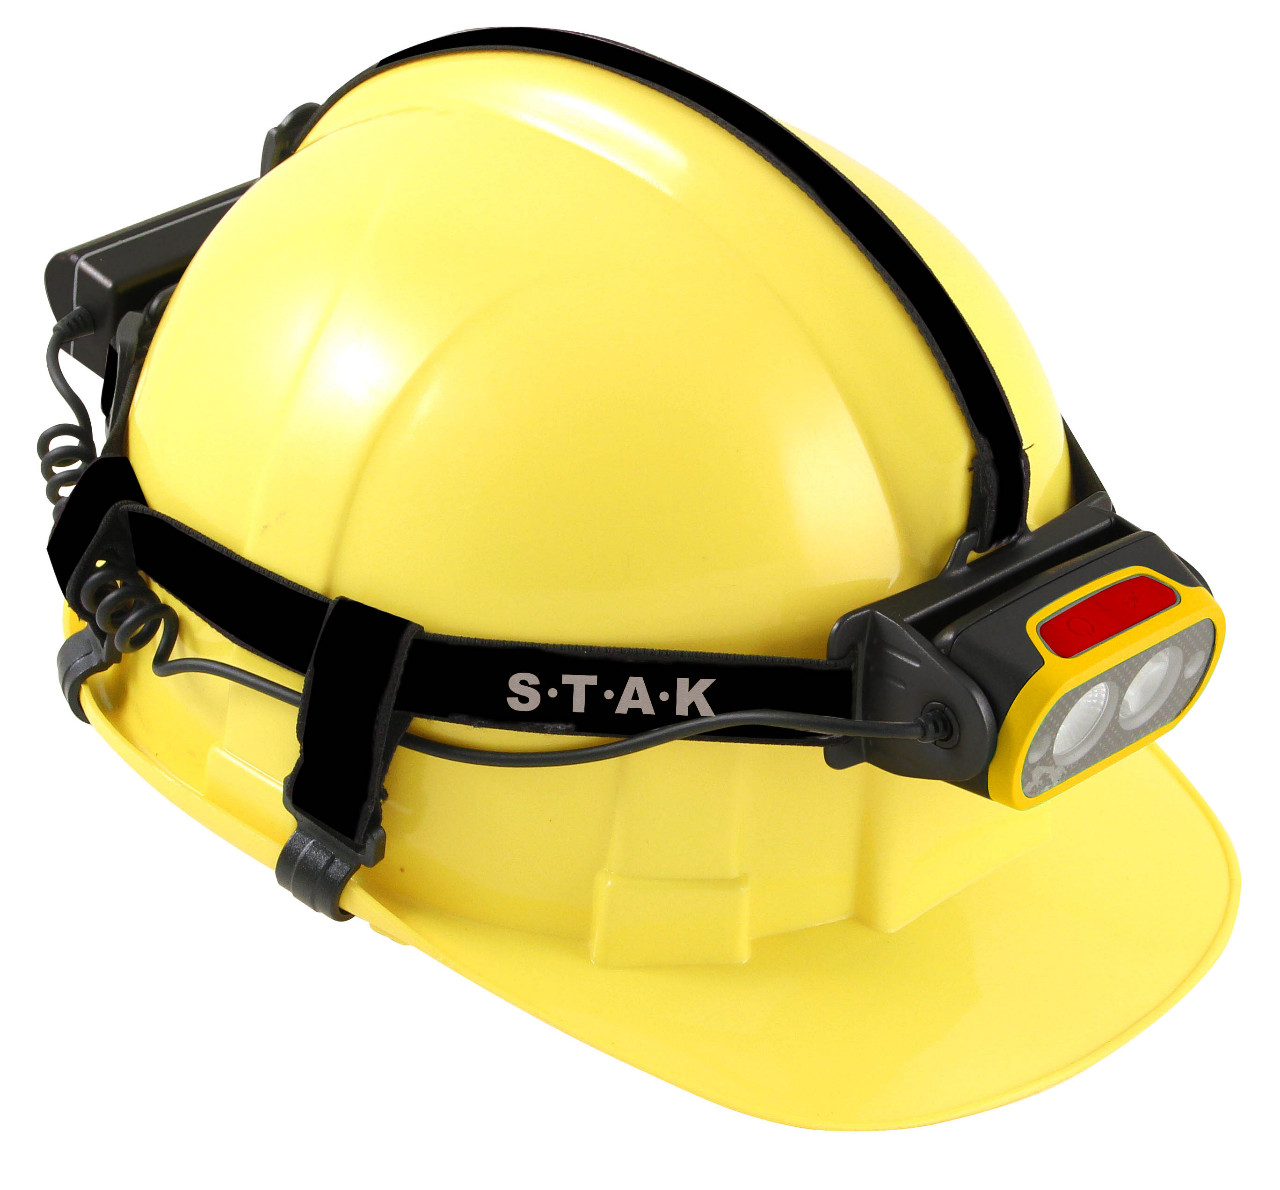 VELAMP Pracovná LED čelovka STH200